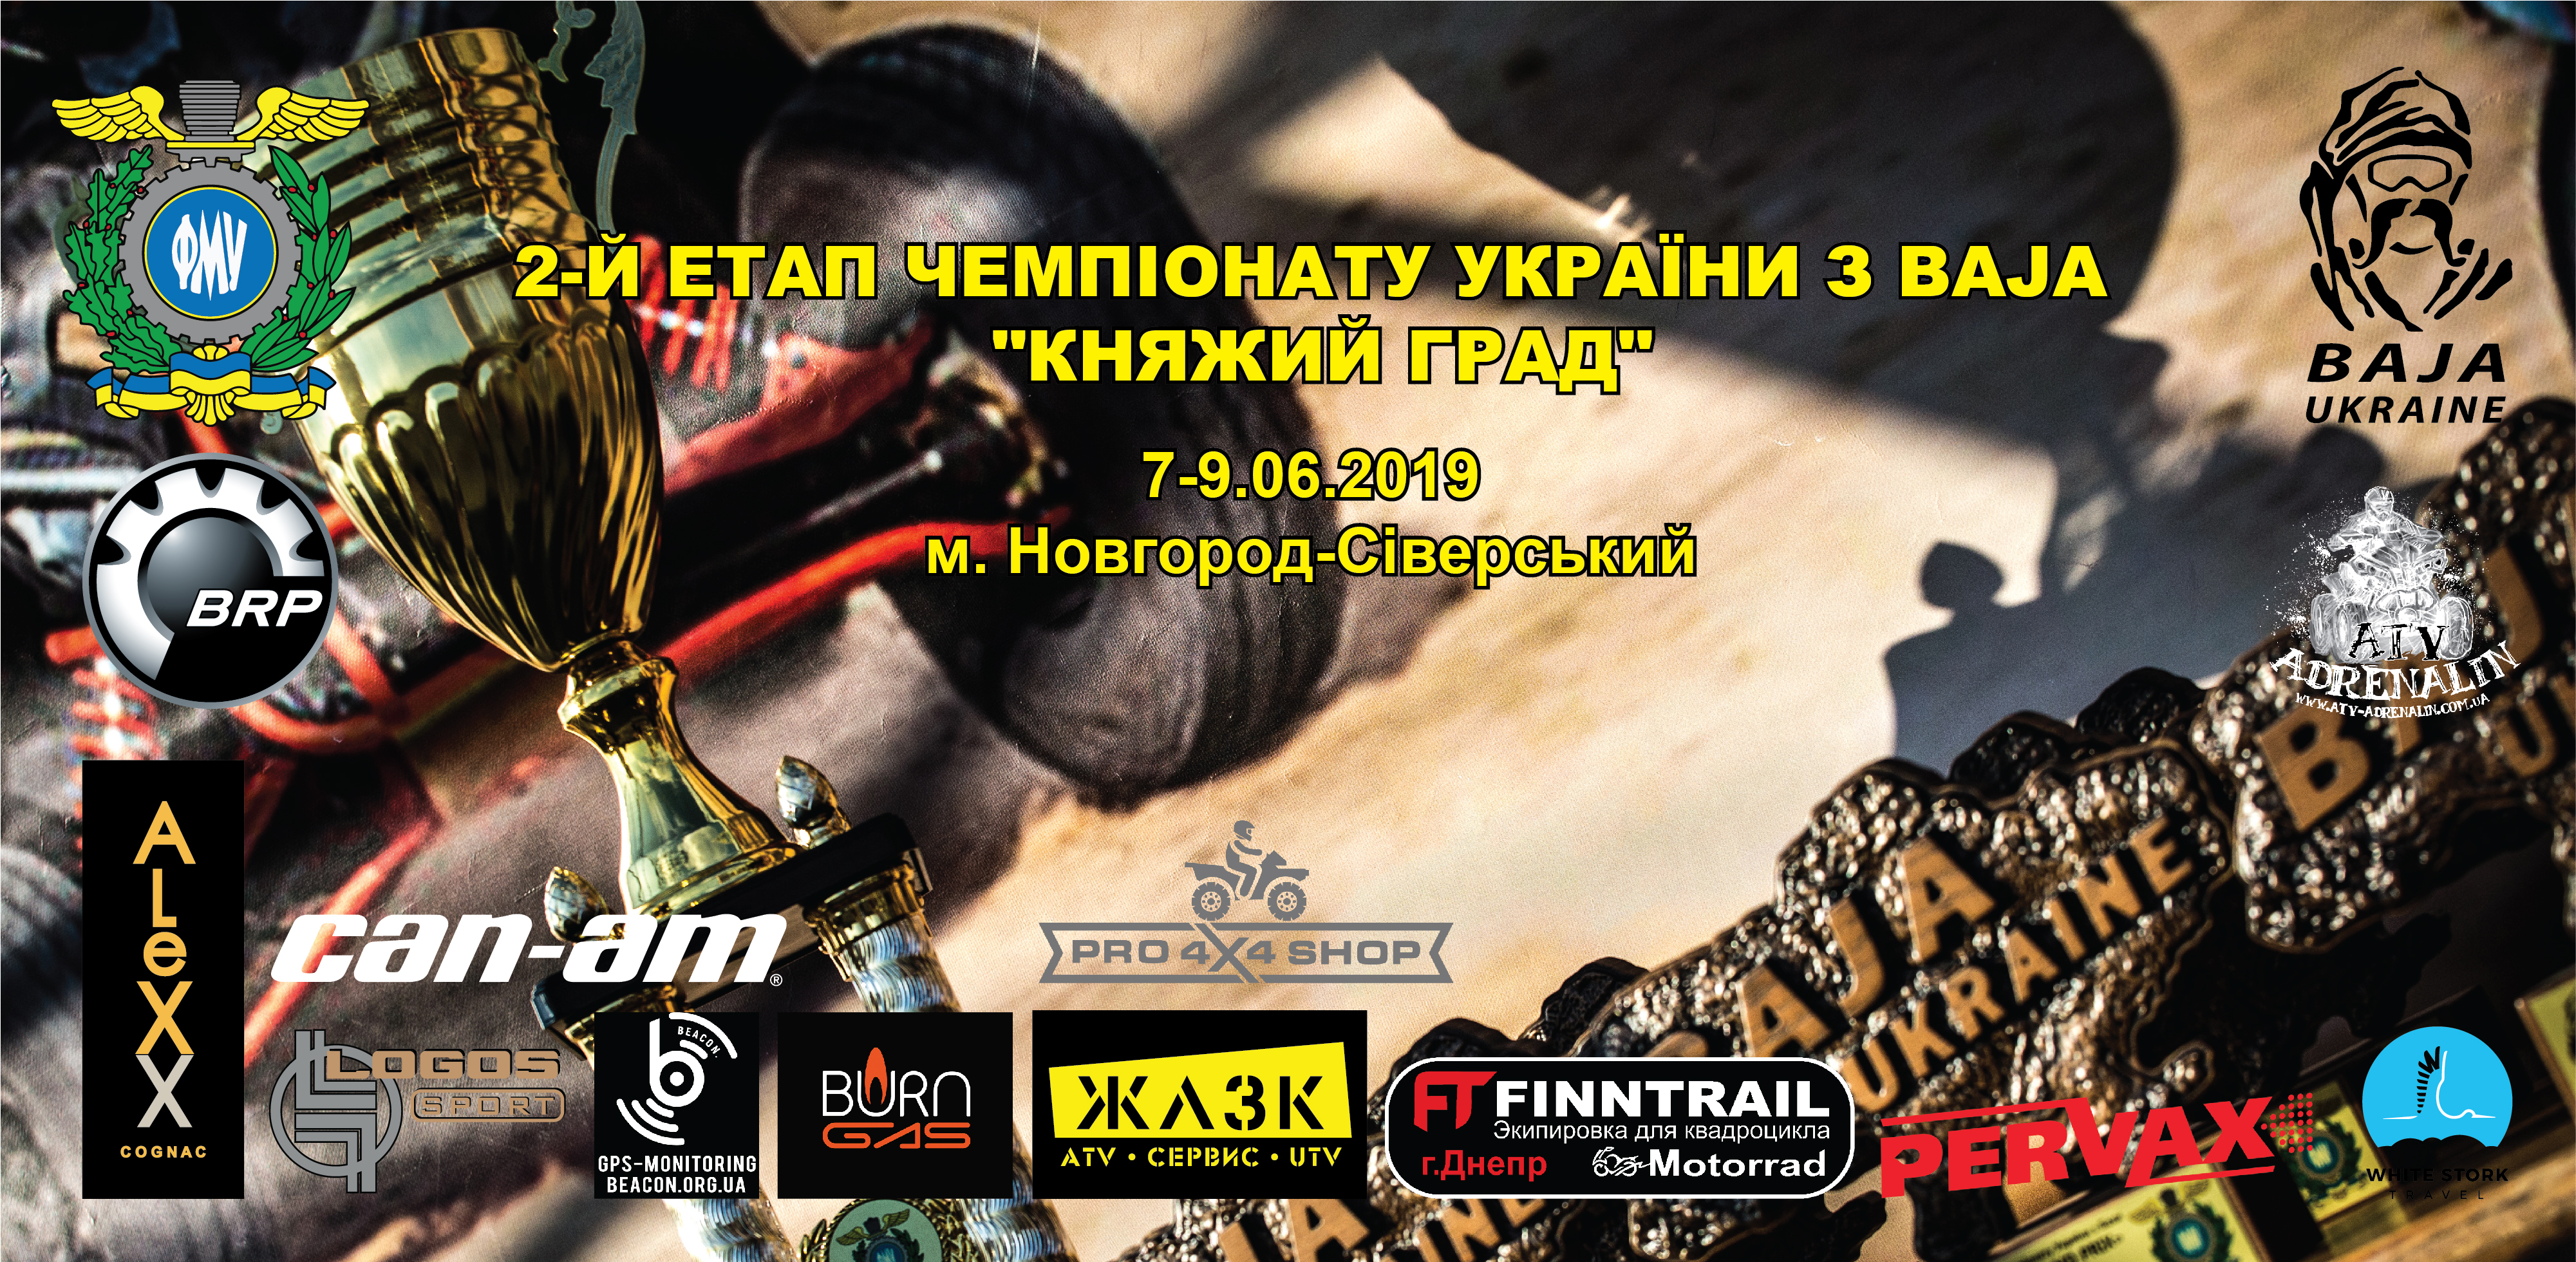 7-9.06 – 2-й етап Чемпіонату України з BAJA 2019 — «Княжий Град»!